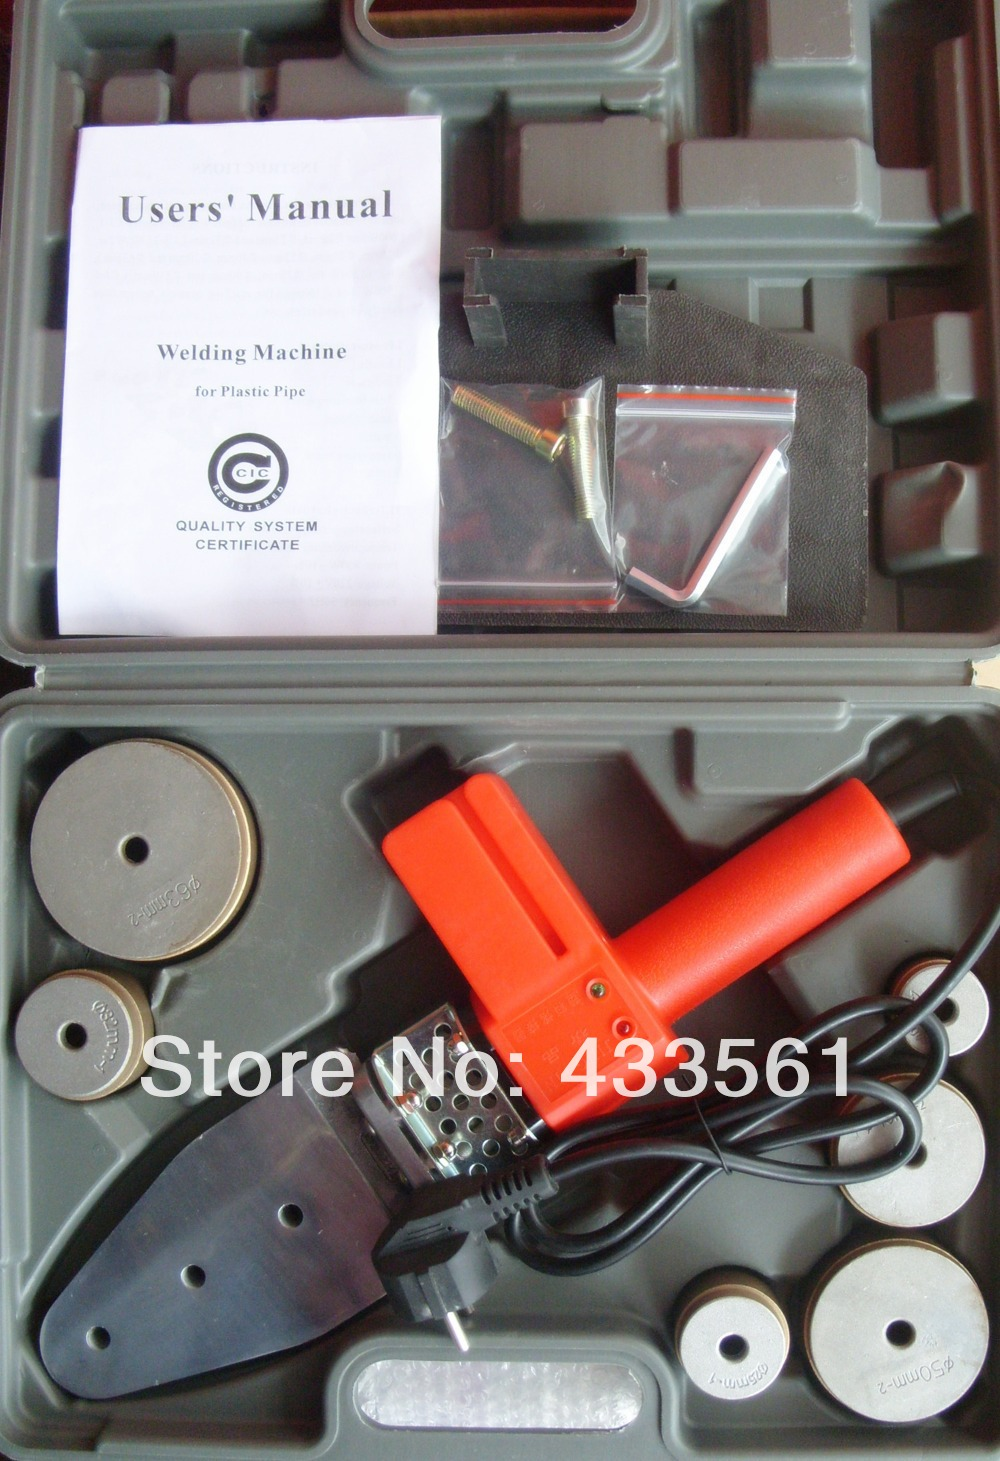 Nešiojamasis lizdo sulydymo suvirinimo aparatas / suvirintojo - Suvirinimo įranga - Nuotrauka 4